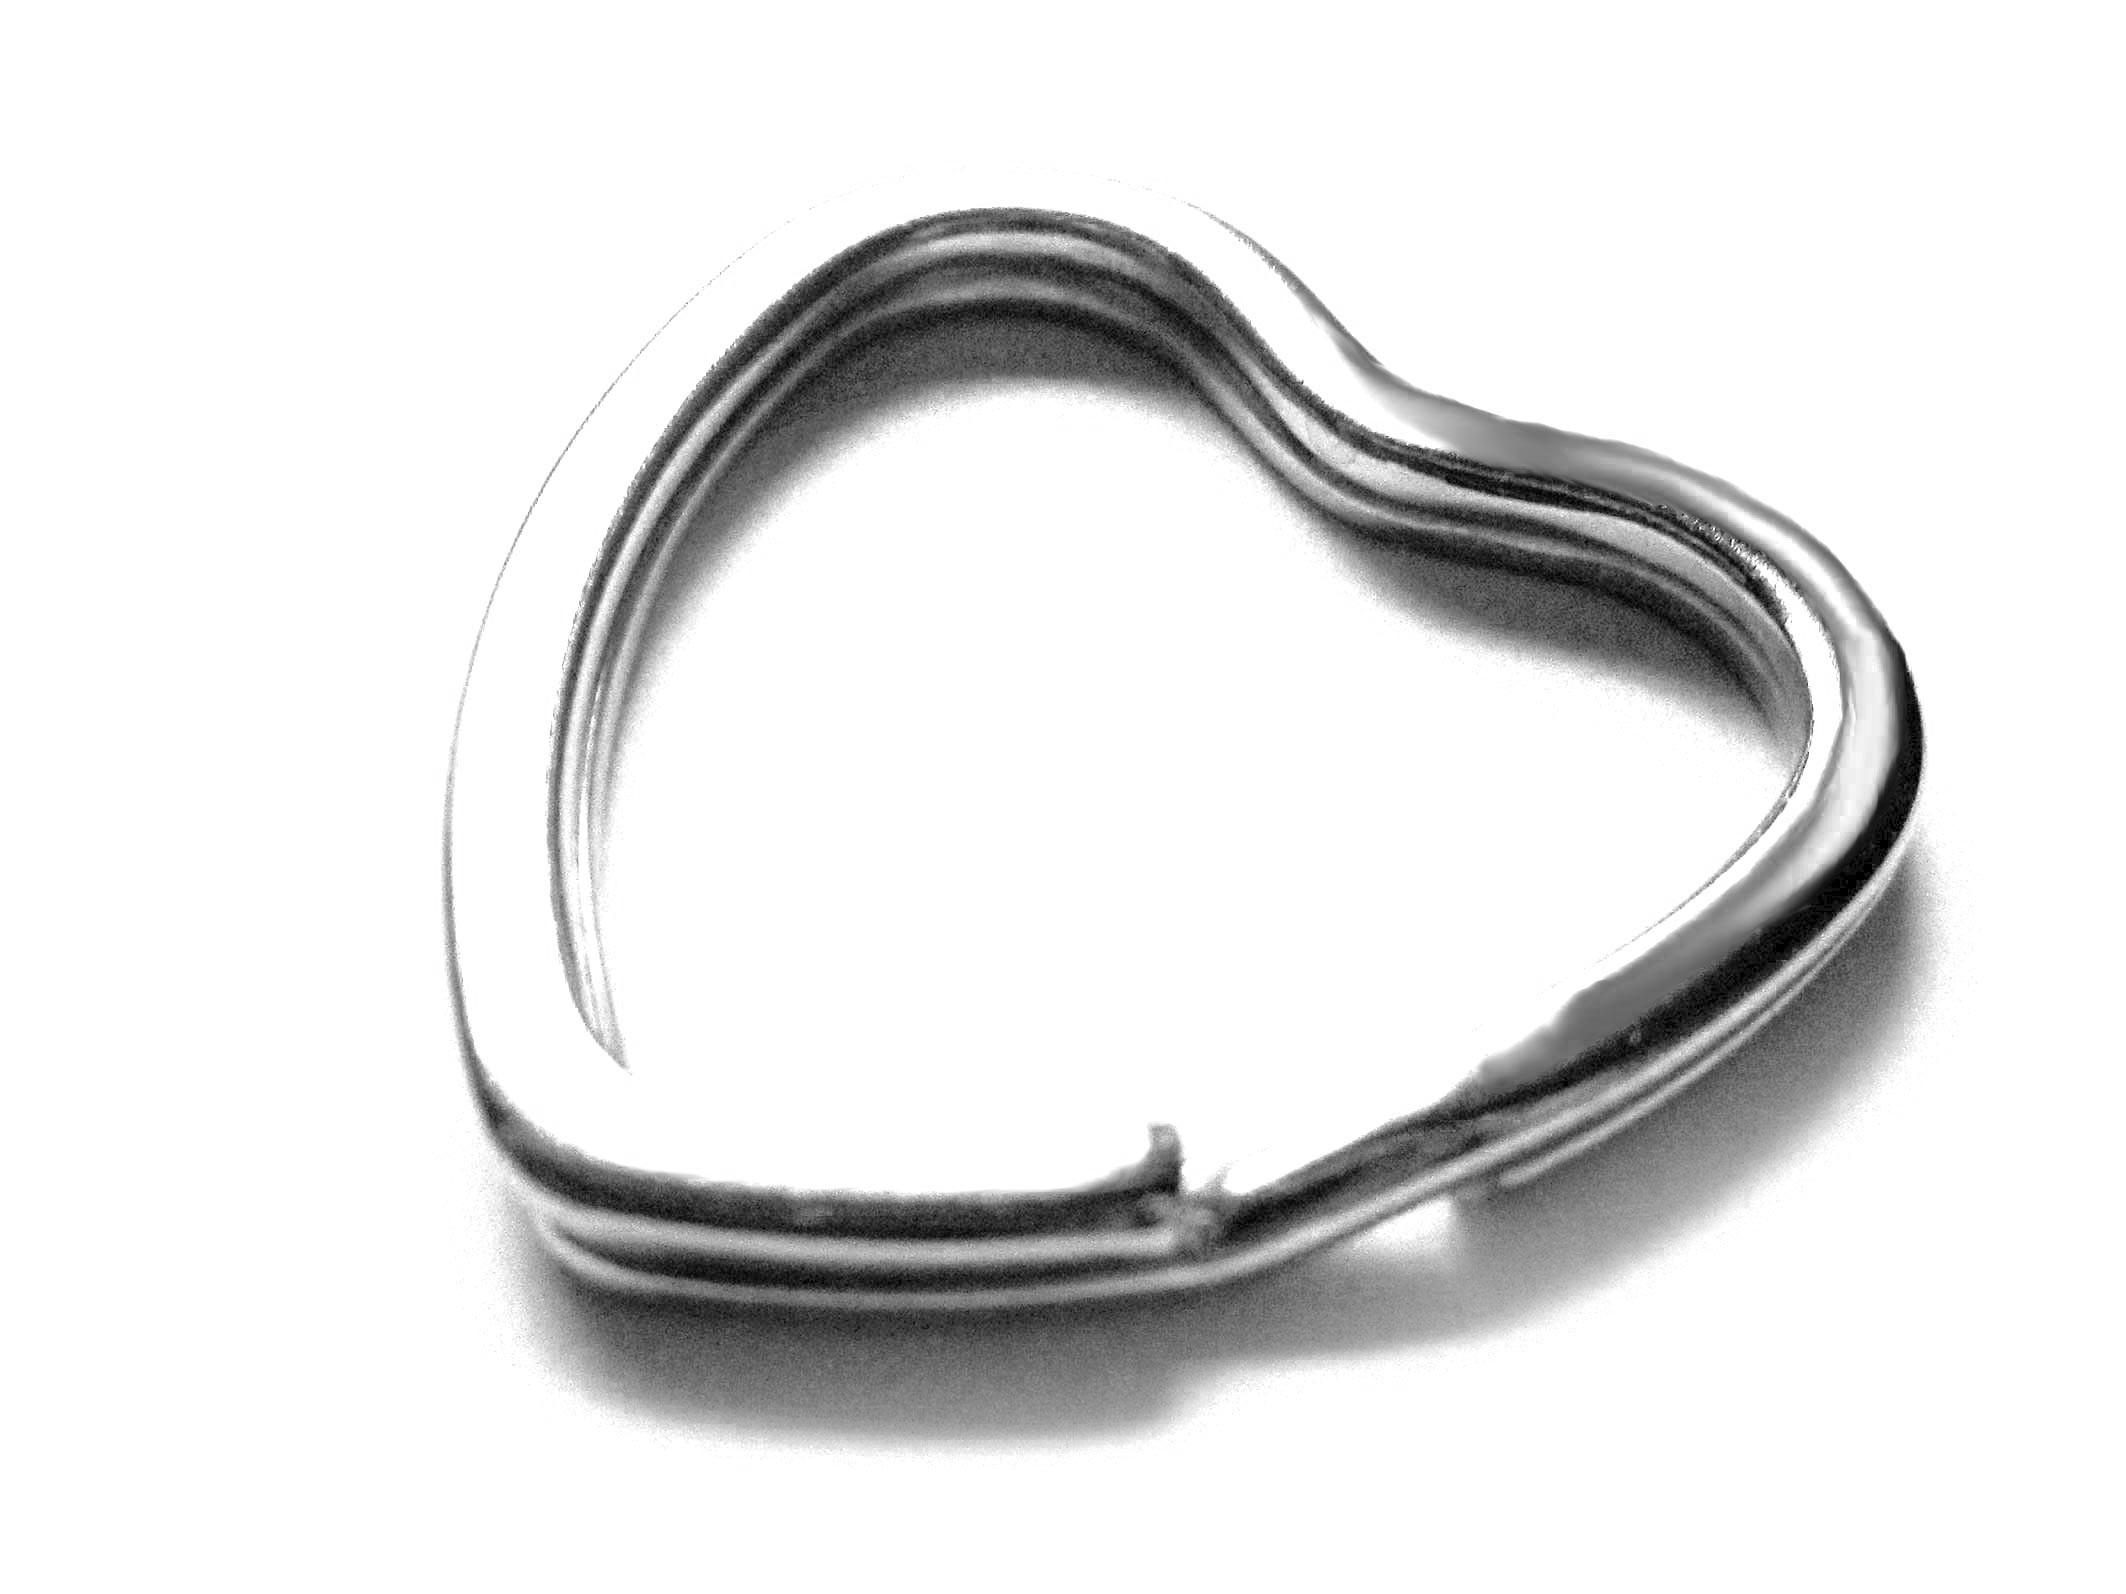 Schlsselring Herz 30x31mm Silber Oder Hellsilber Stabil Und Massiv Schlsselanhnger  Selber Machen   Schlsselanhnger Selber Machen